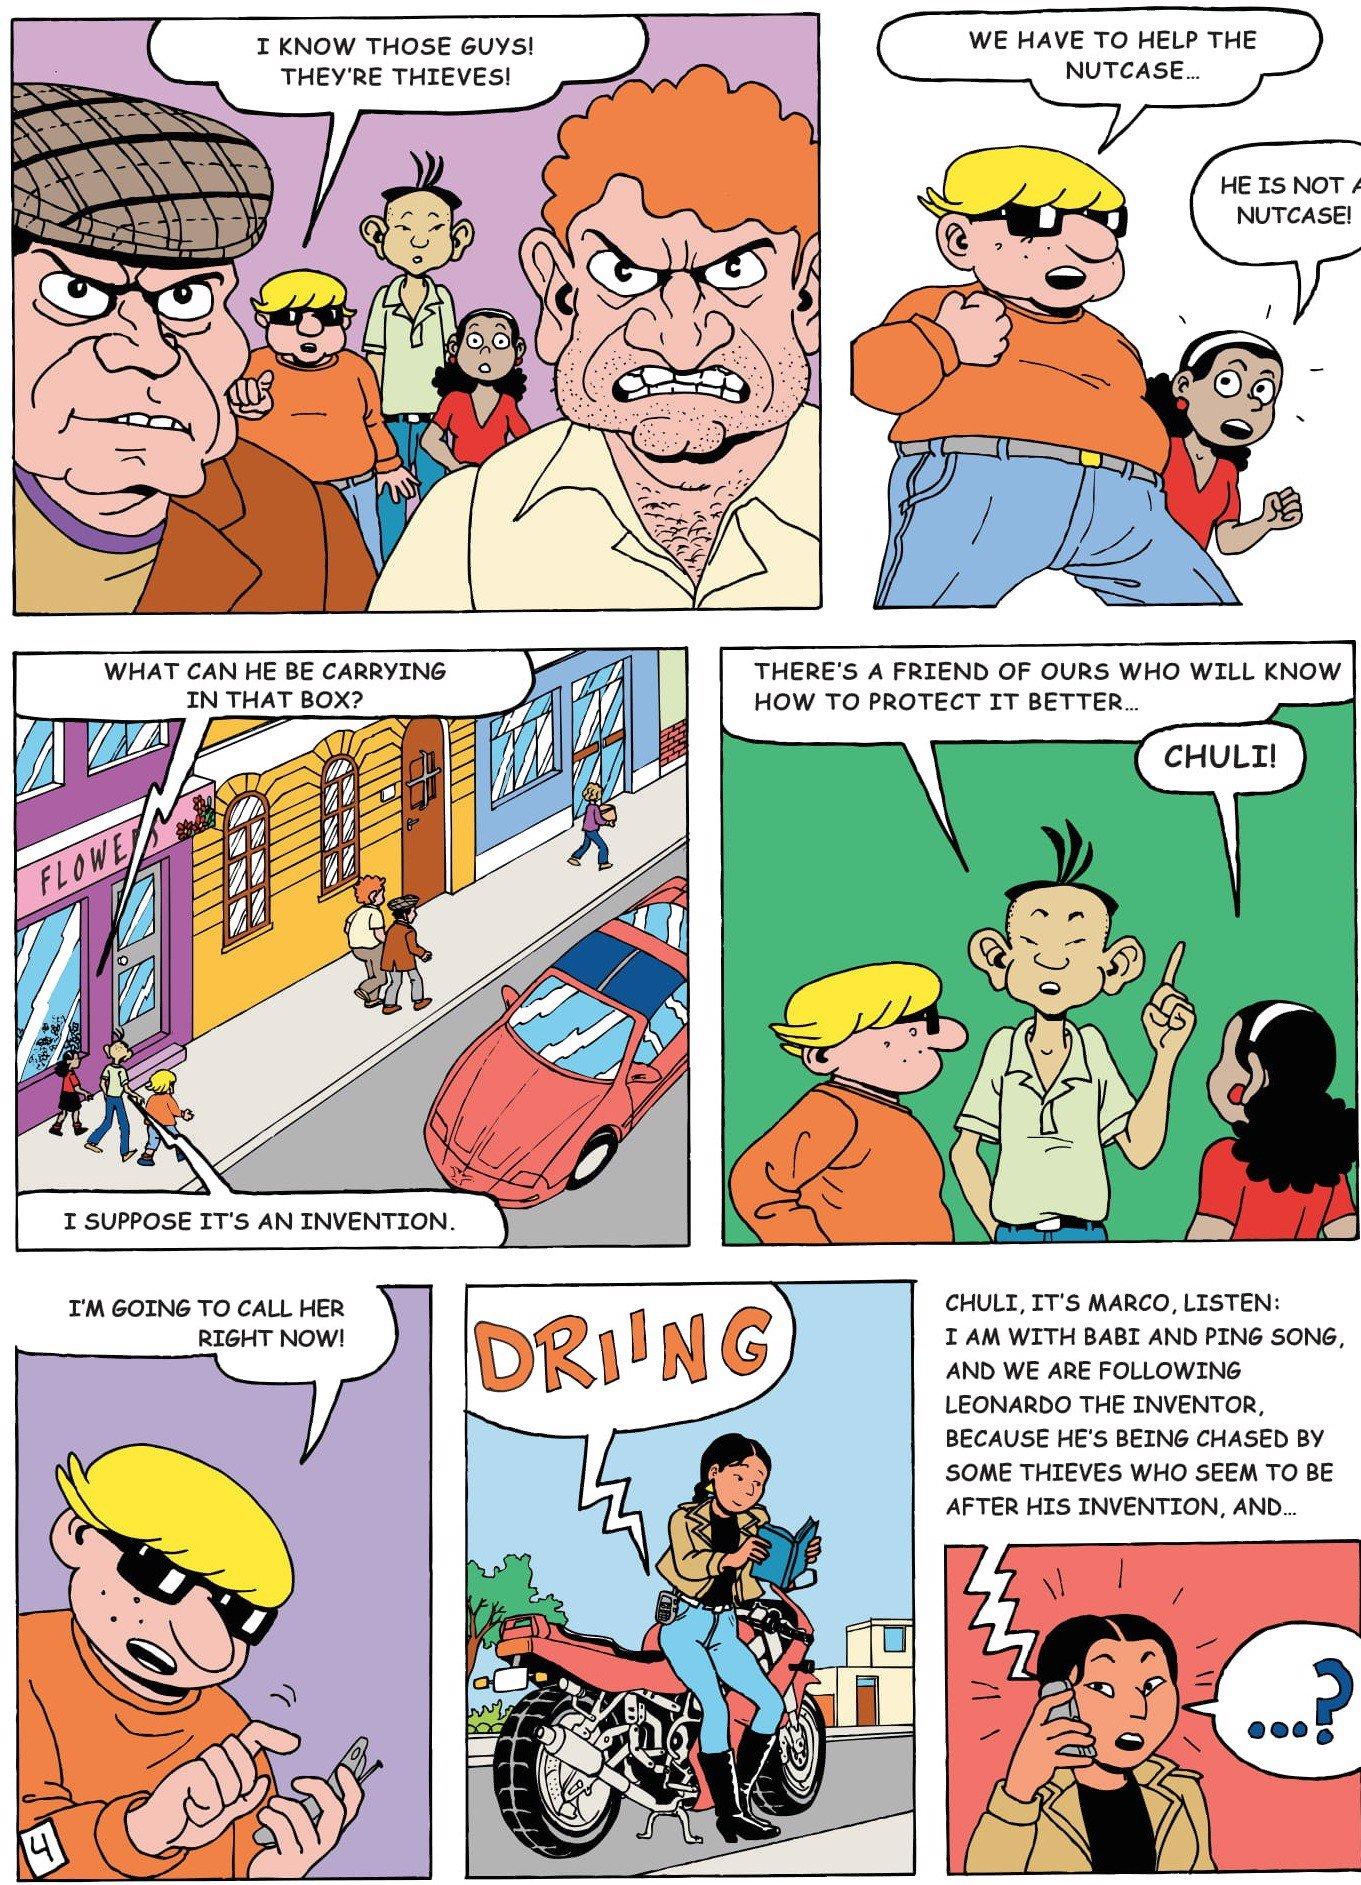 patent cartoons and comics